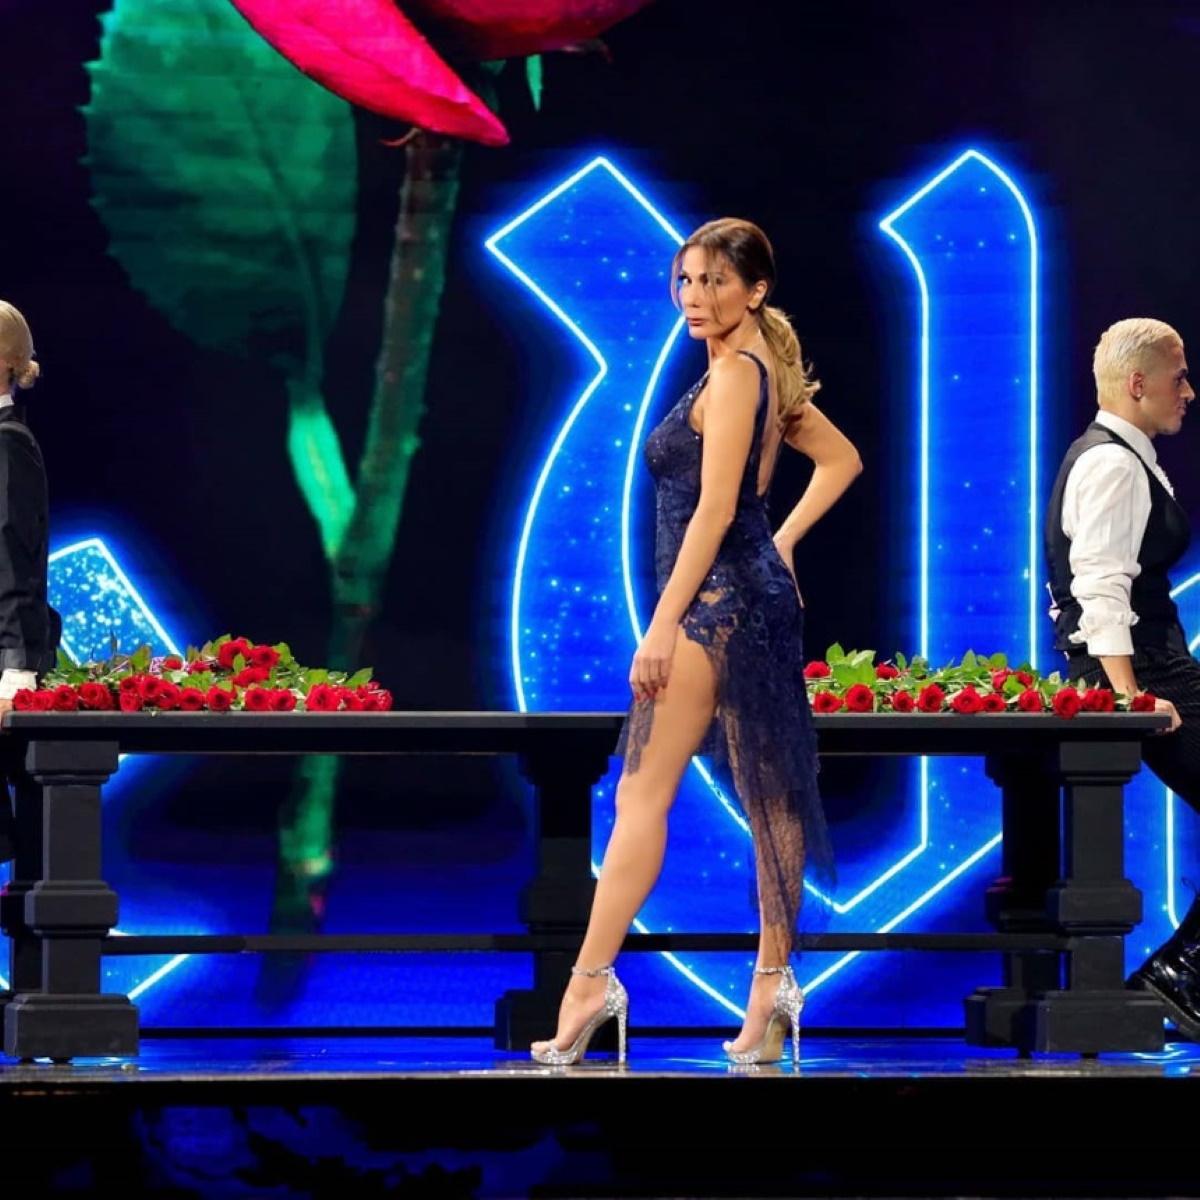 Δέσποινα Βανδή: Μάγεψε με τα τραγούδια της στο J2US! Βίντεο όλες οι εμφανίσεις της | tlife.gr